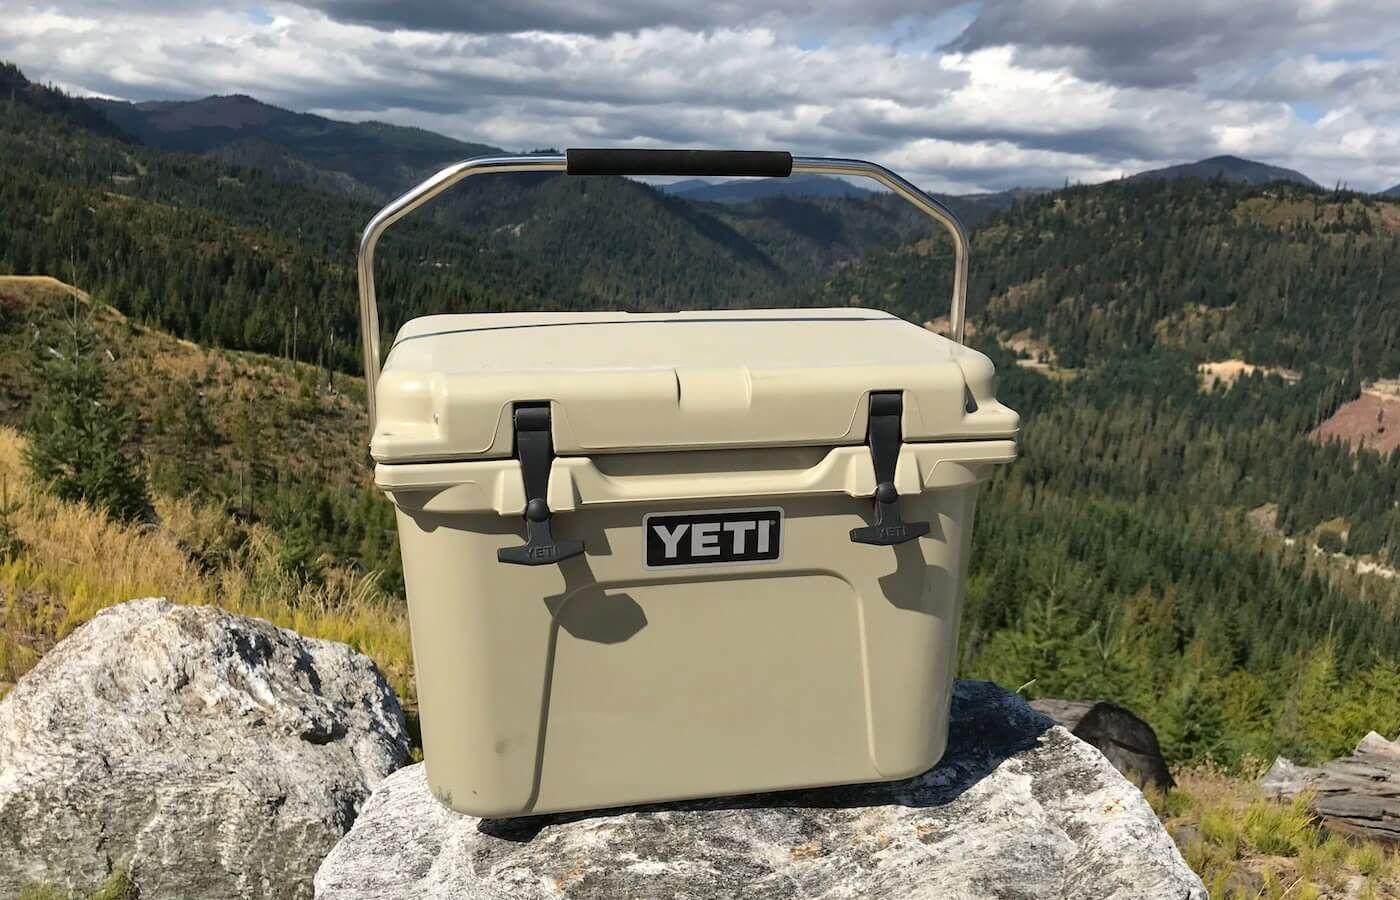 Yeti Roadie 20 Review Small But Mighty Yeti Roadie Yeti Cooler Yeti